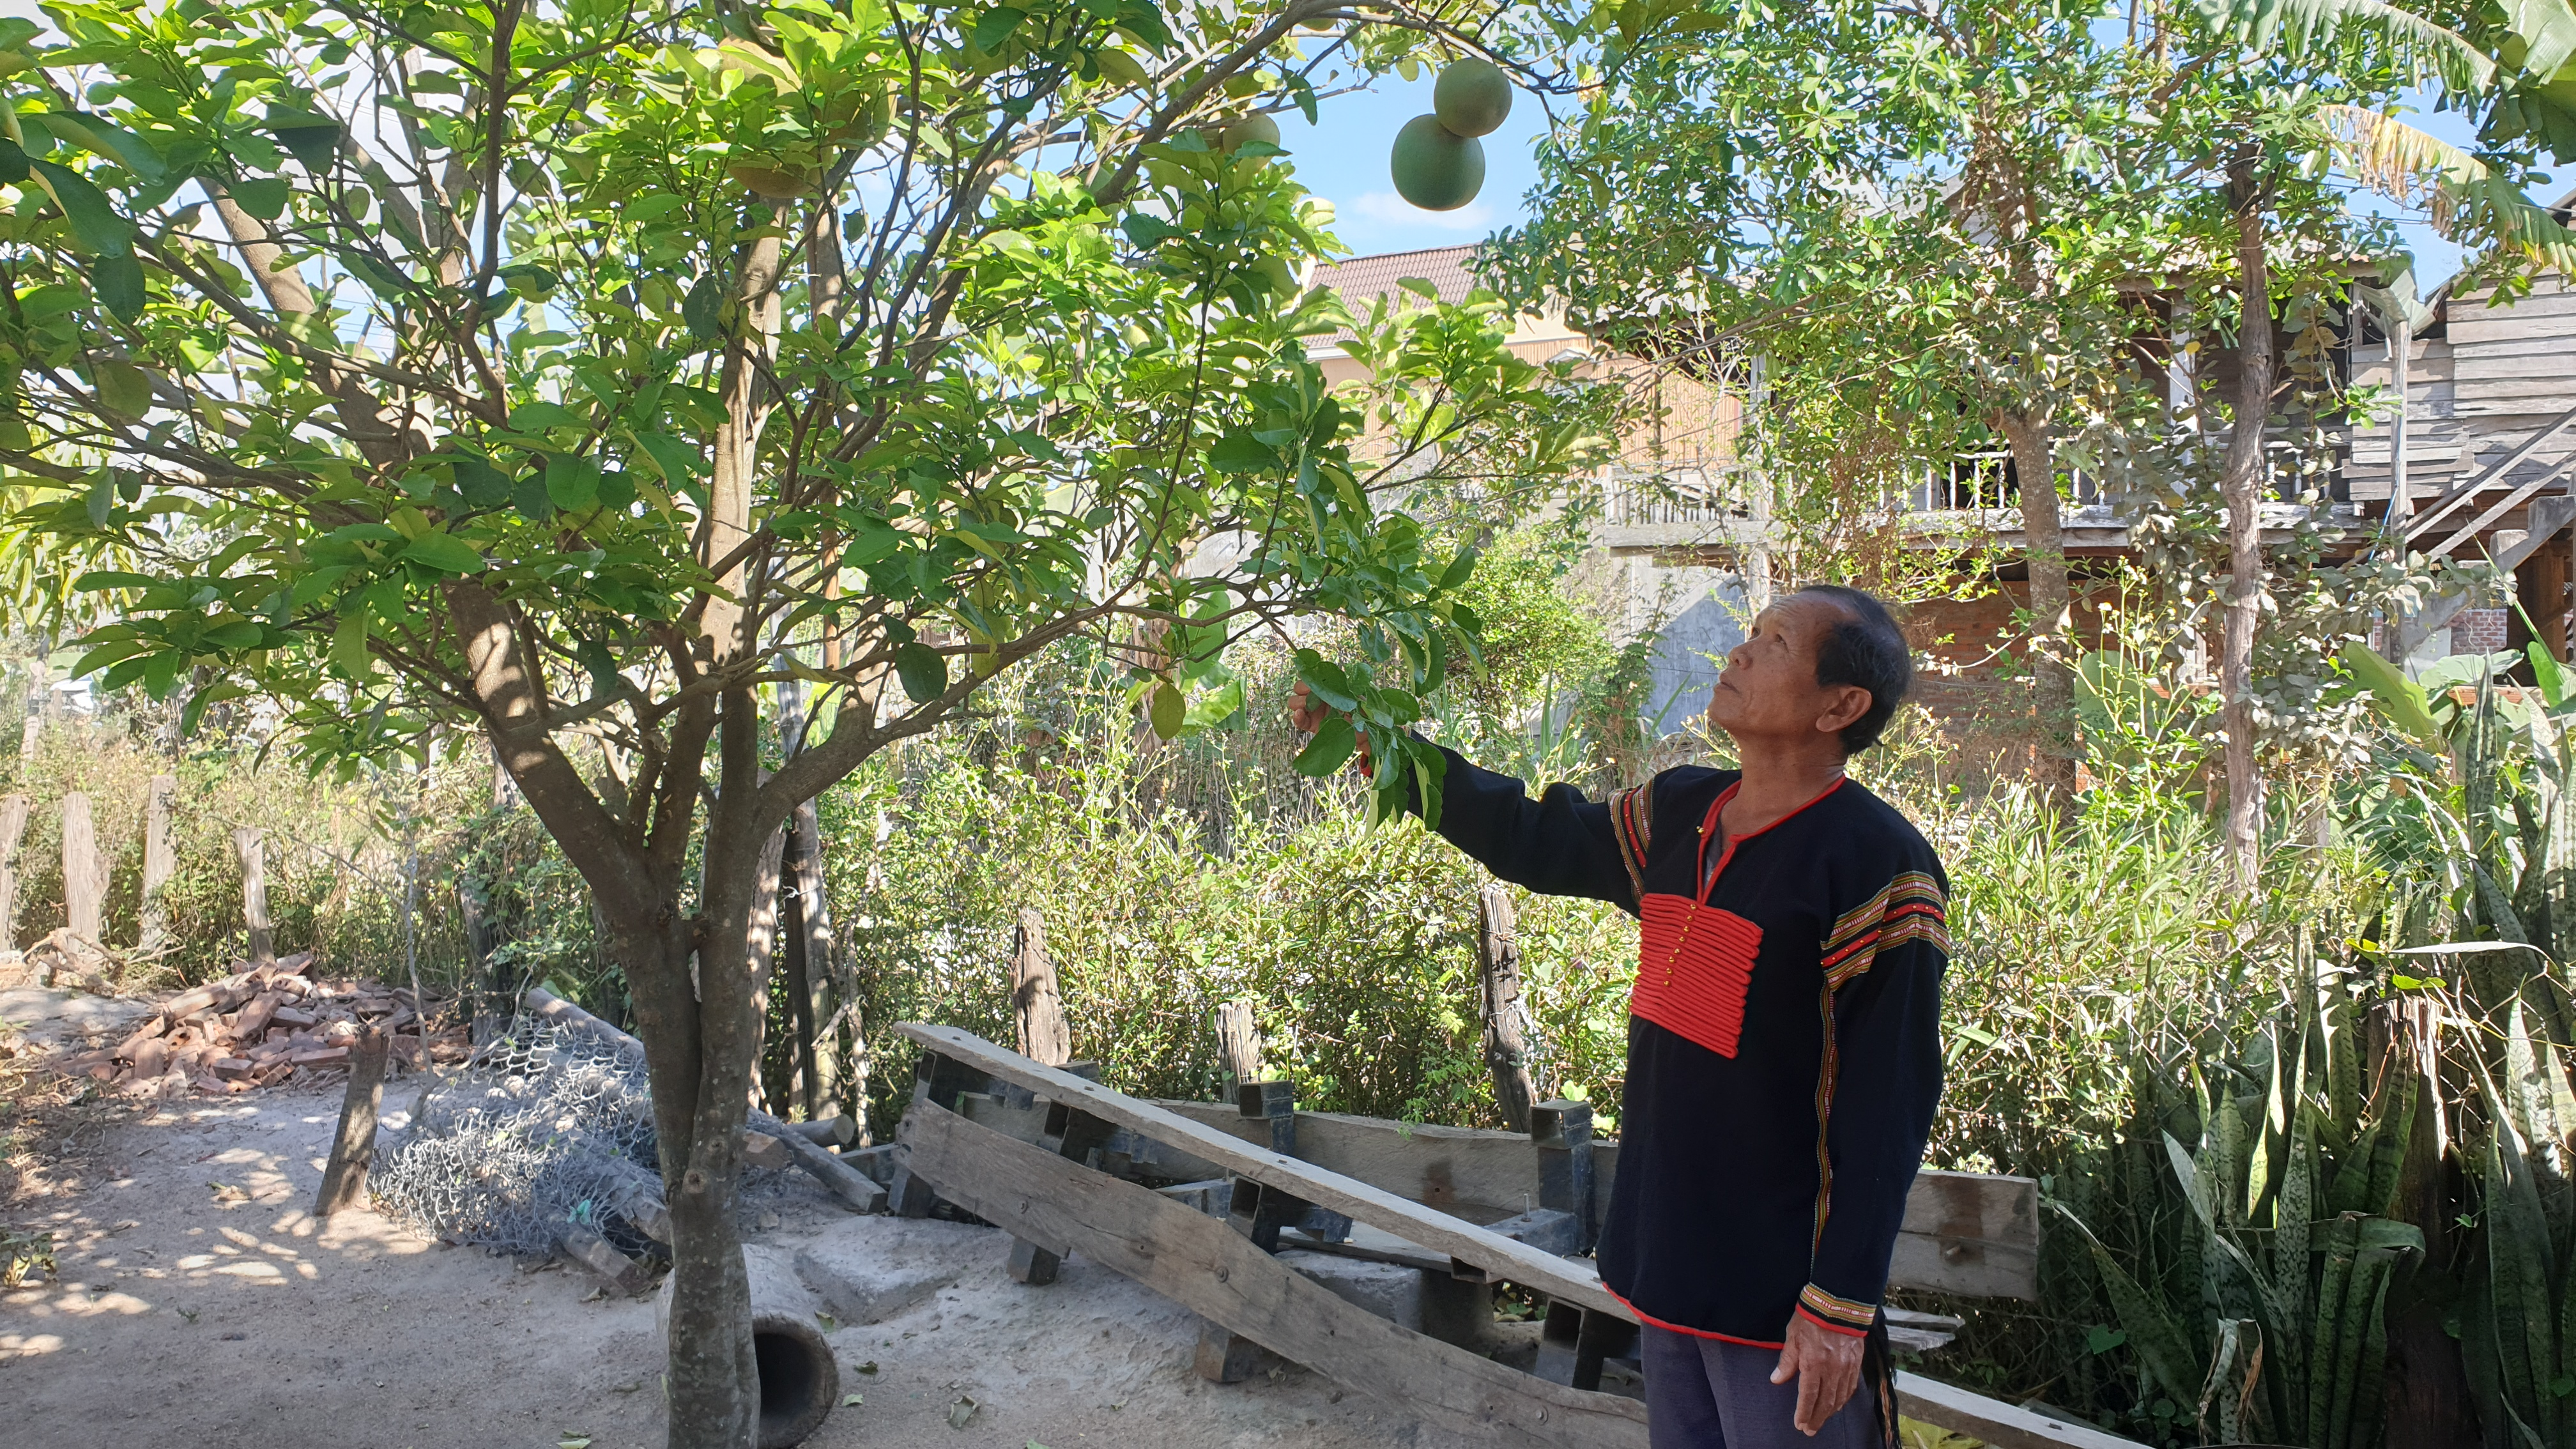 Già Ksor Ry luôn chăm lo phát triển kinh tế gia đình để làm gương cho dân làng làm theo.